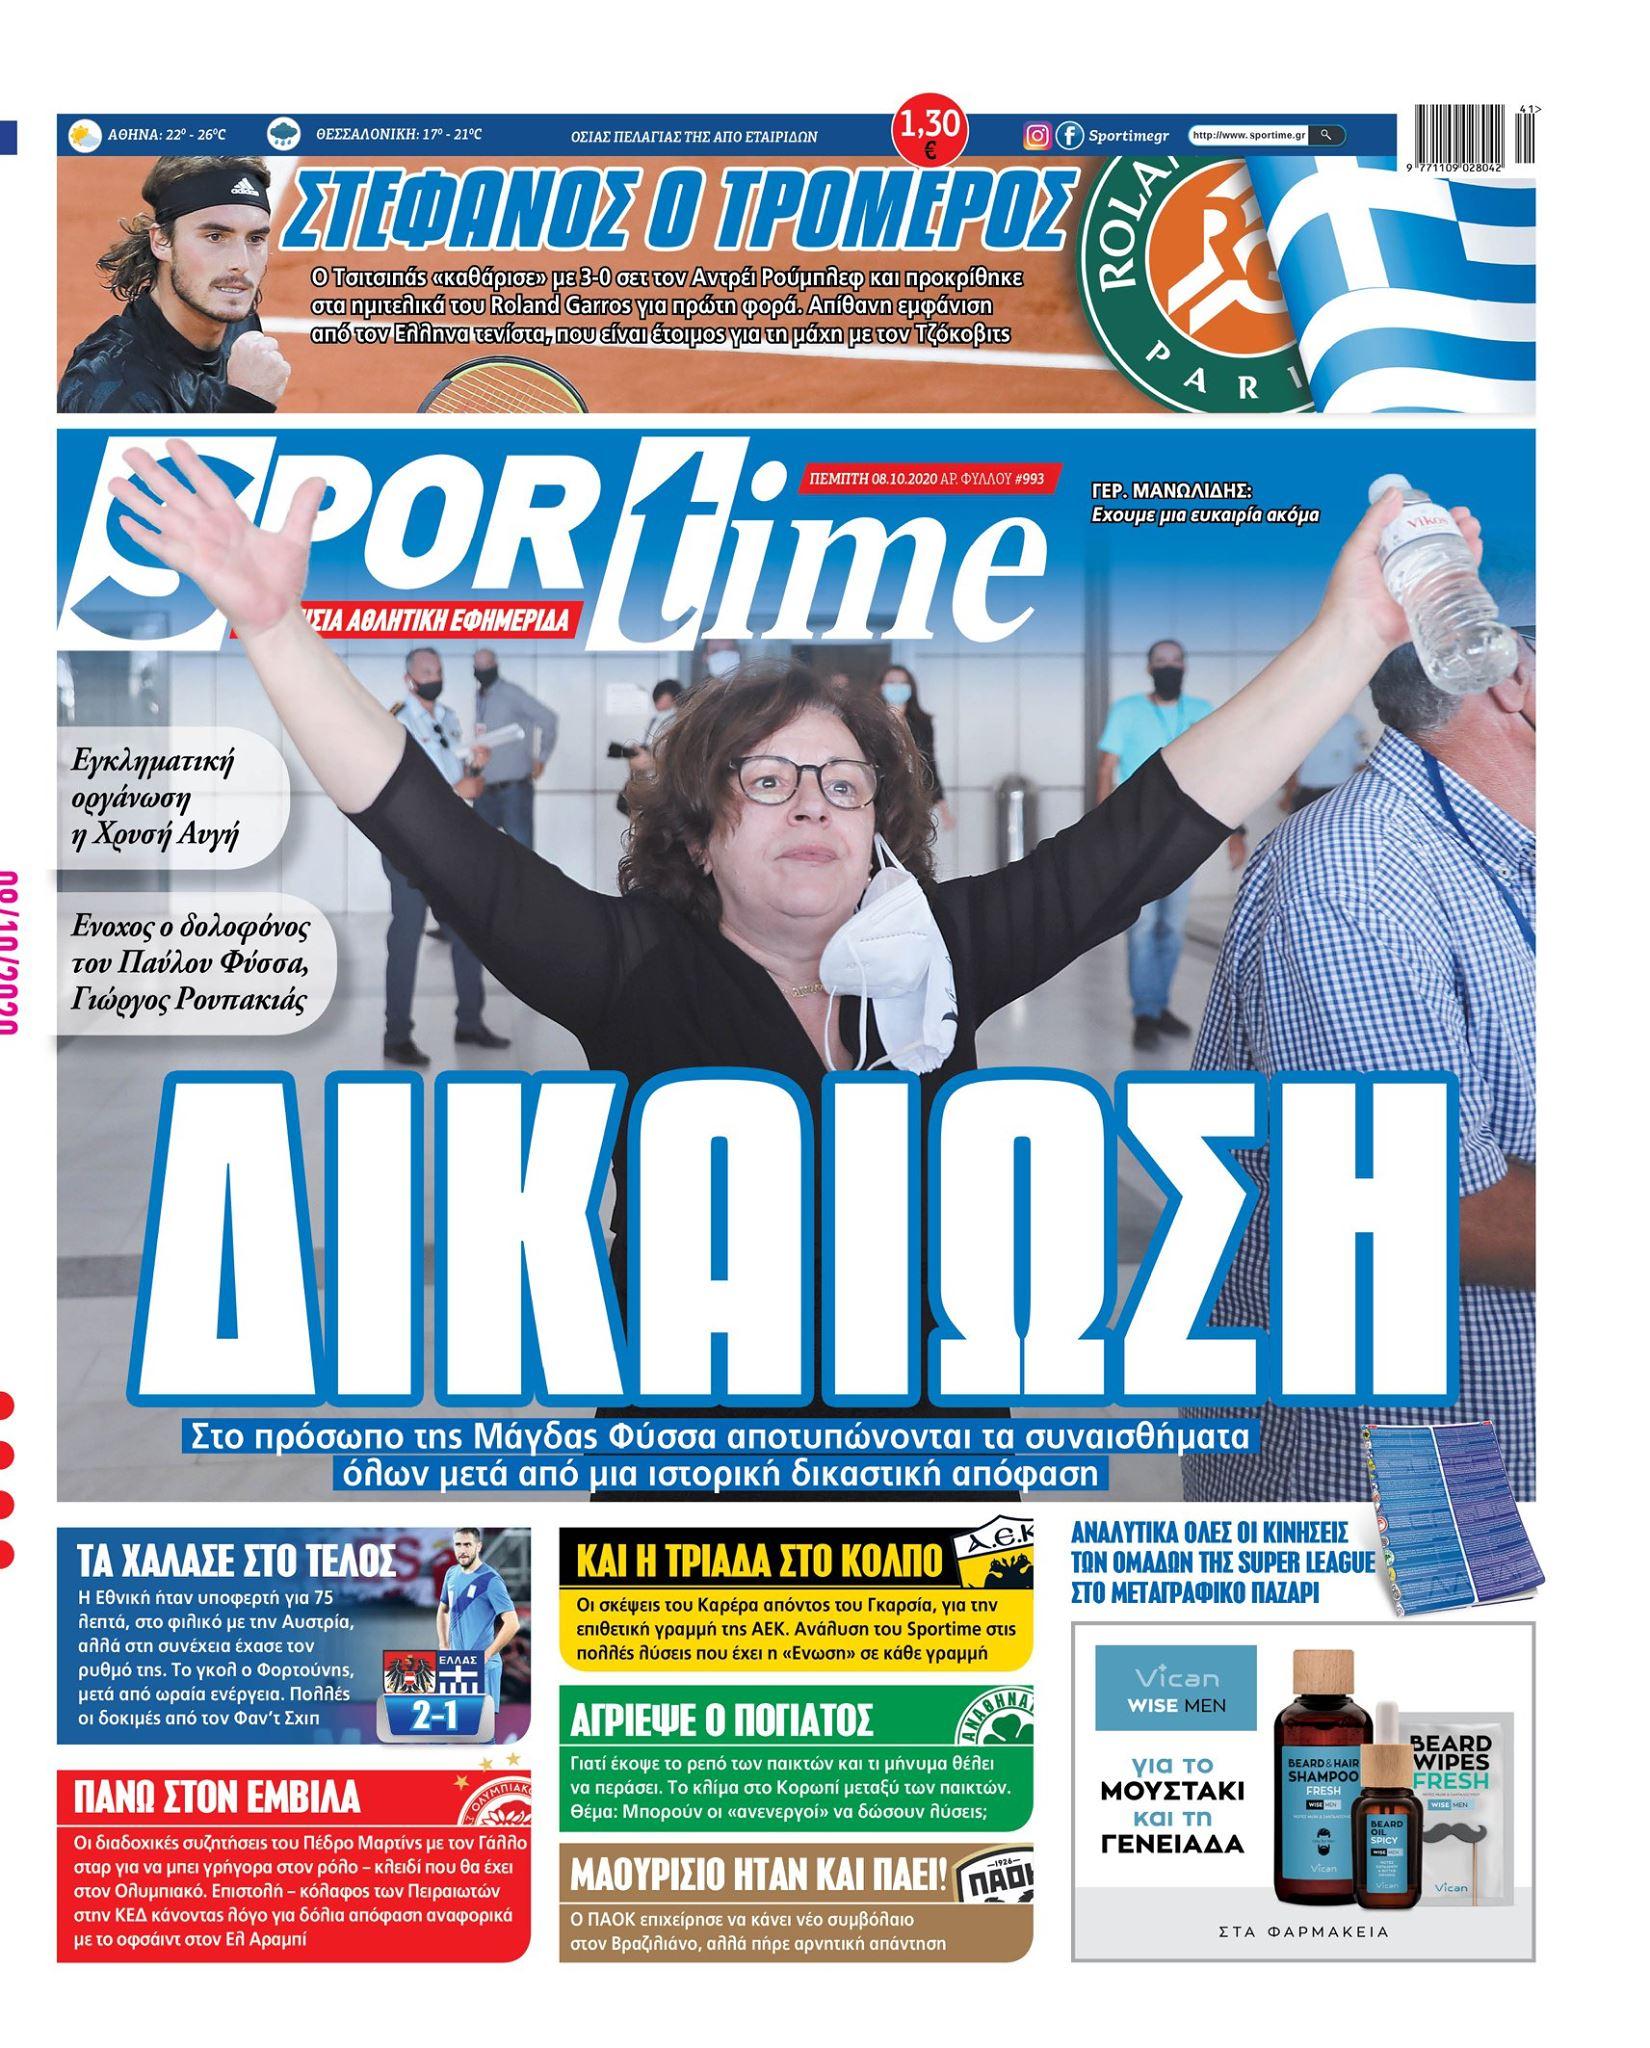 Εφημερίδα SPORTIME - Εξώφυλλο φύλλου 8/10/2020